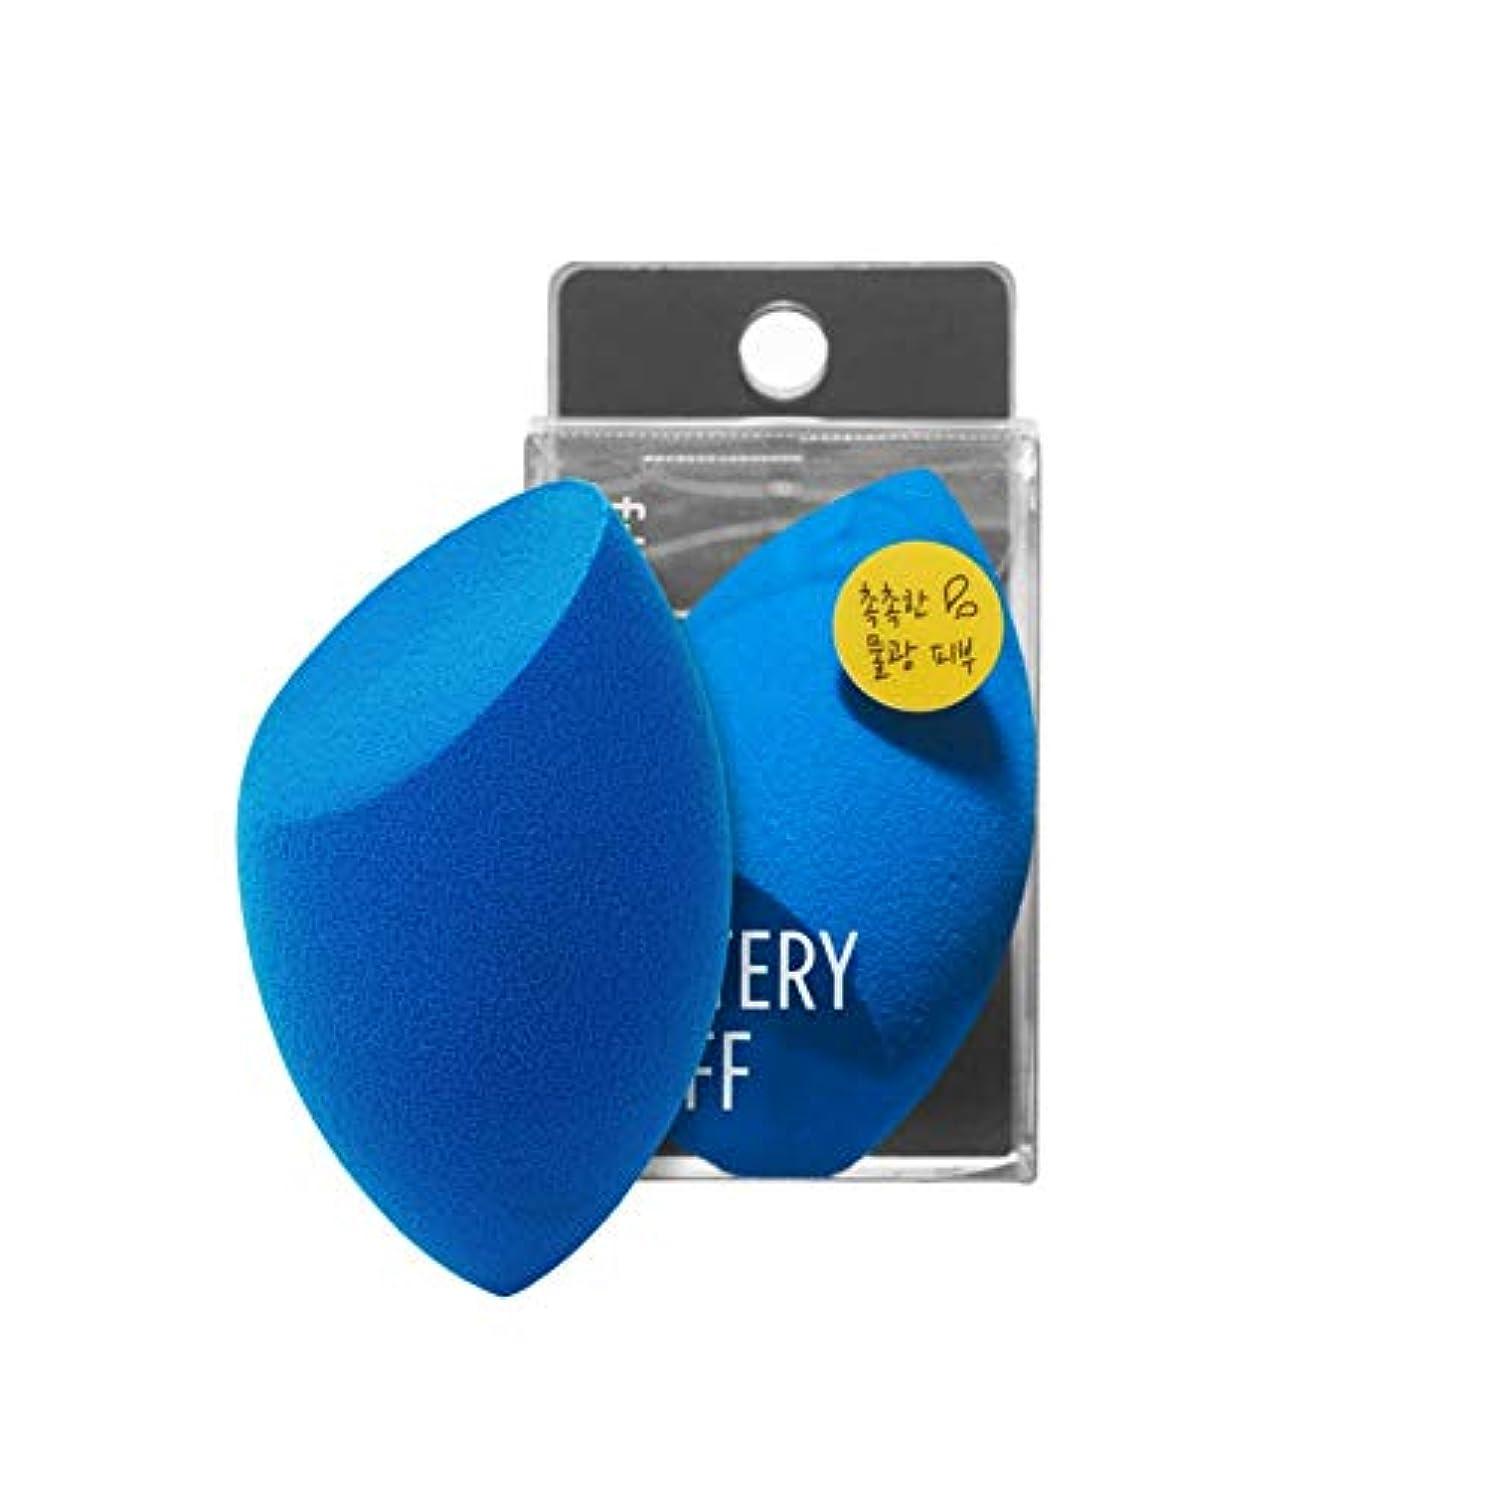 宿命難破船民間人fillimilli Make-up Sponge Watery Puff しっとりパフ (チョクチョクパフ) 1個 (Olive Young) [並行輸入品]